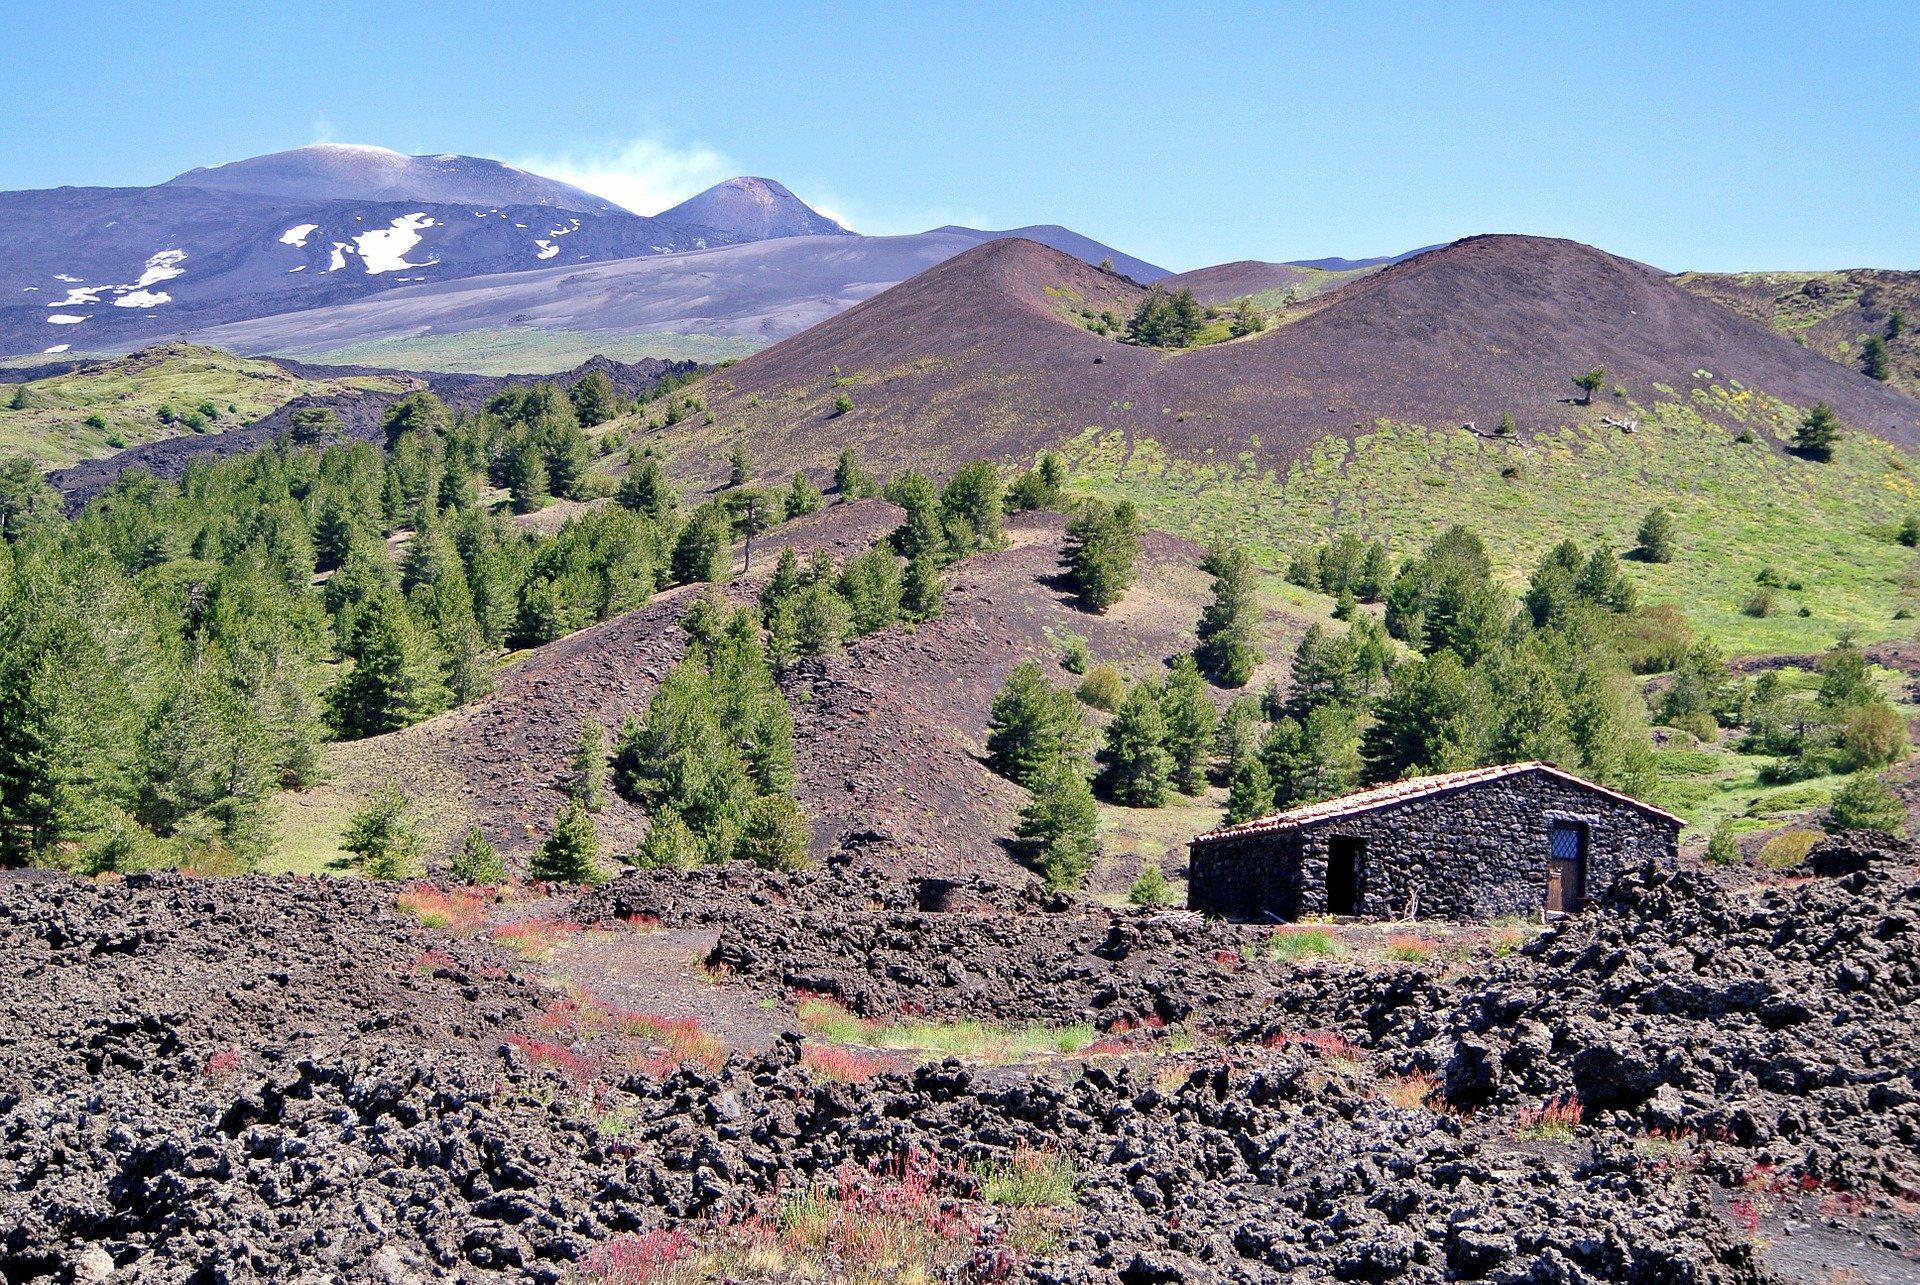 Paesaggio del Monte Etna